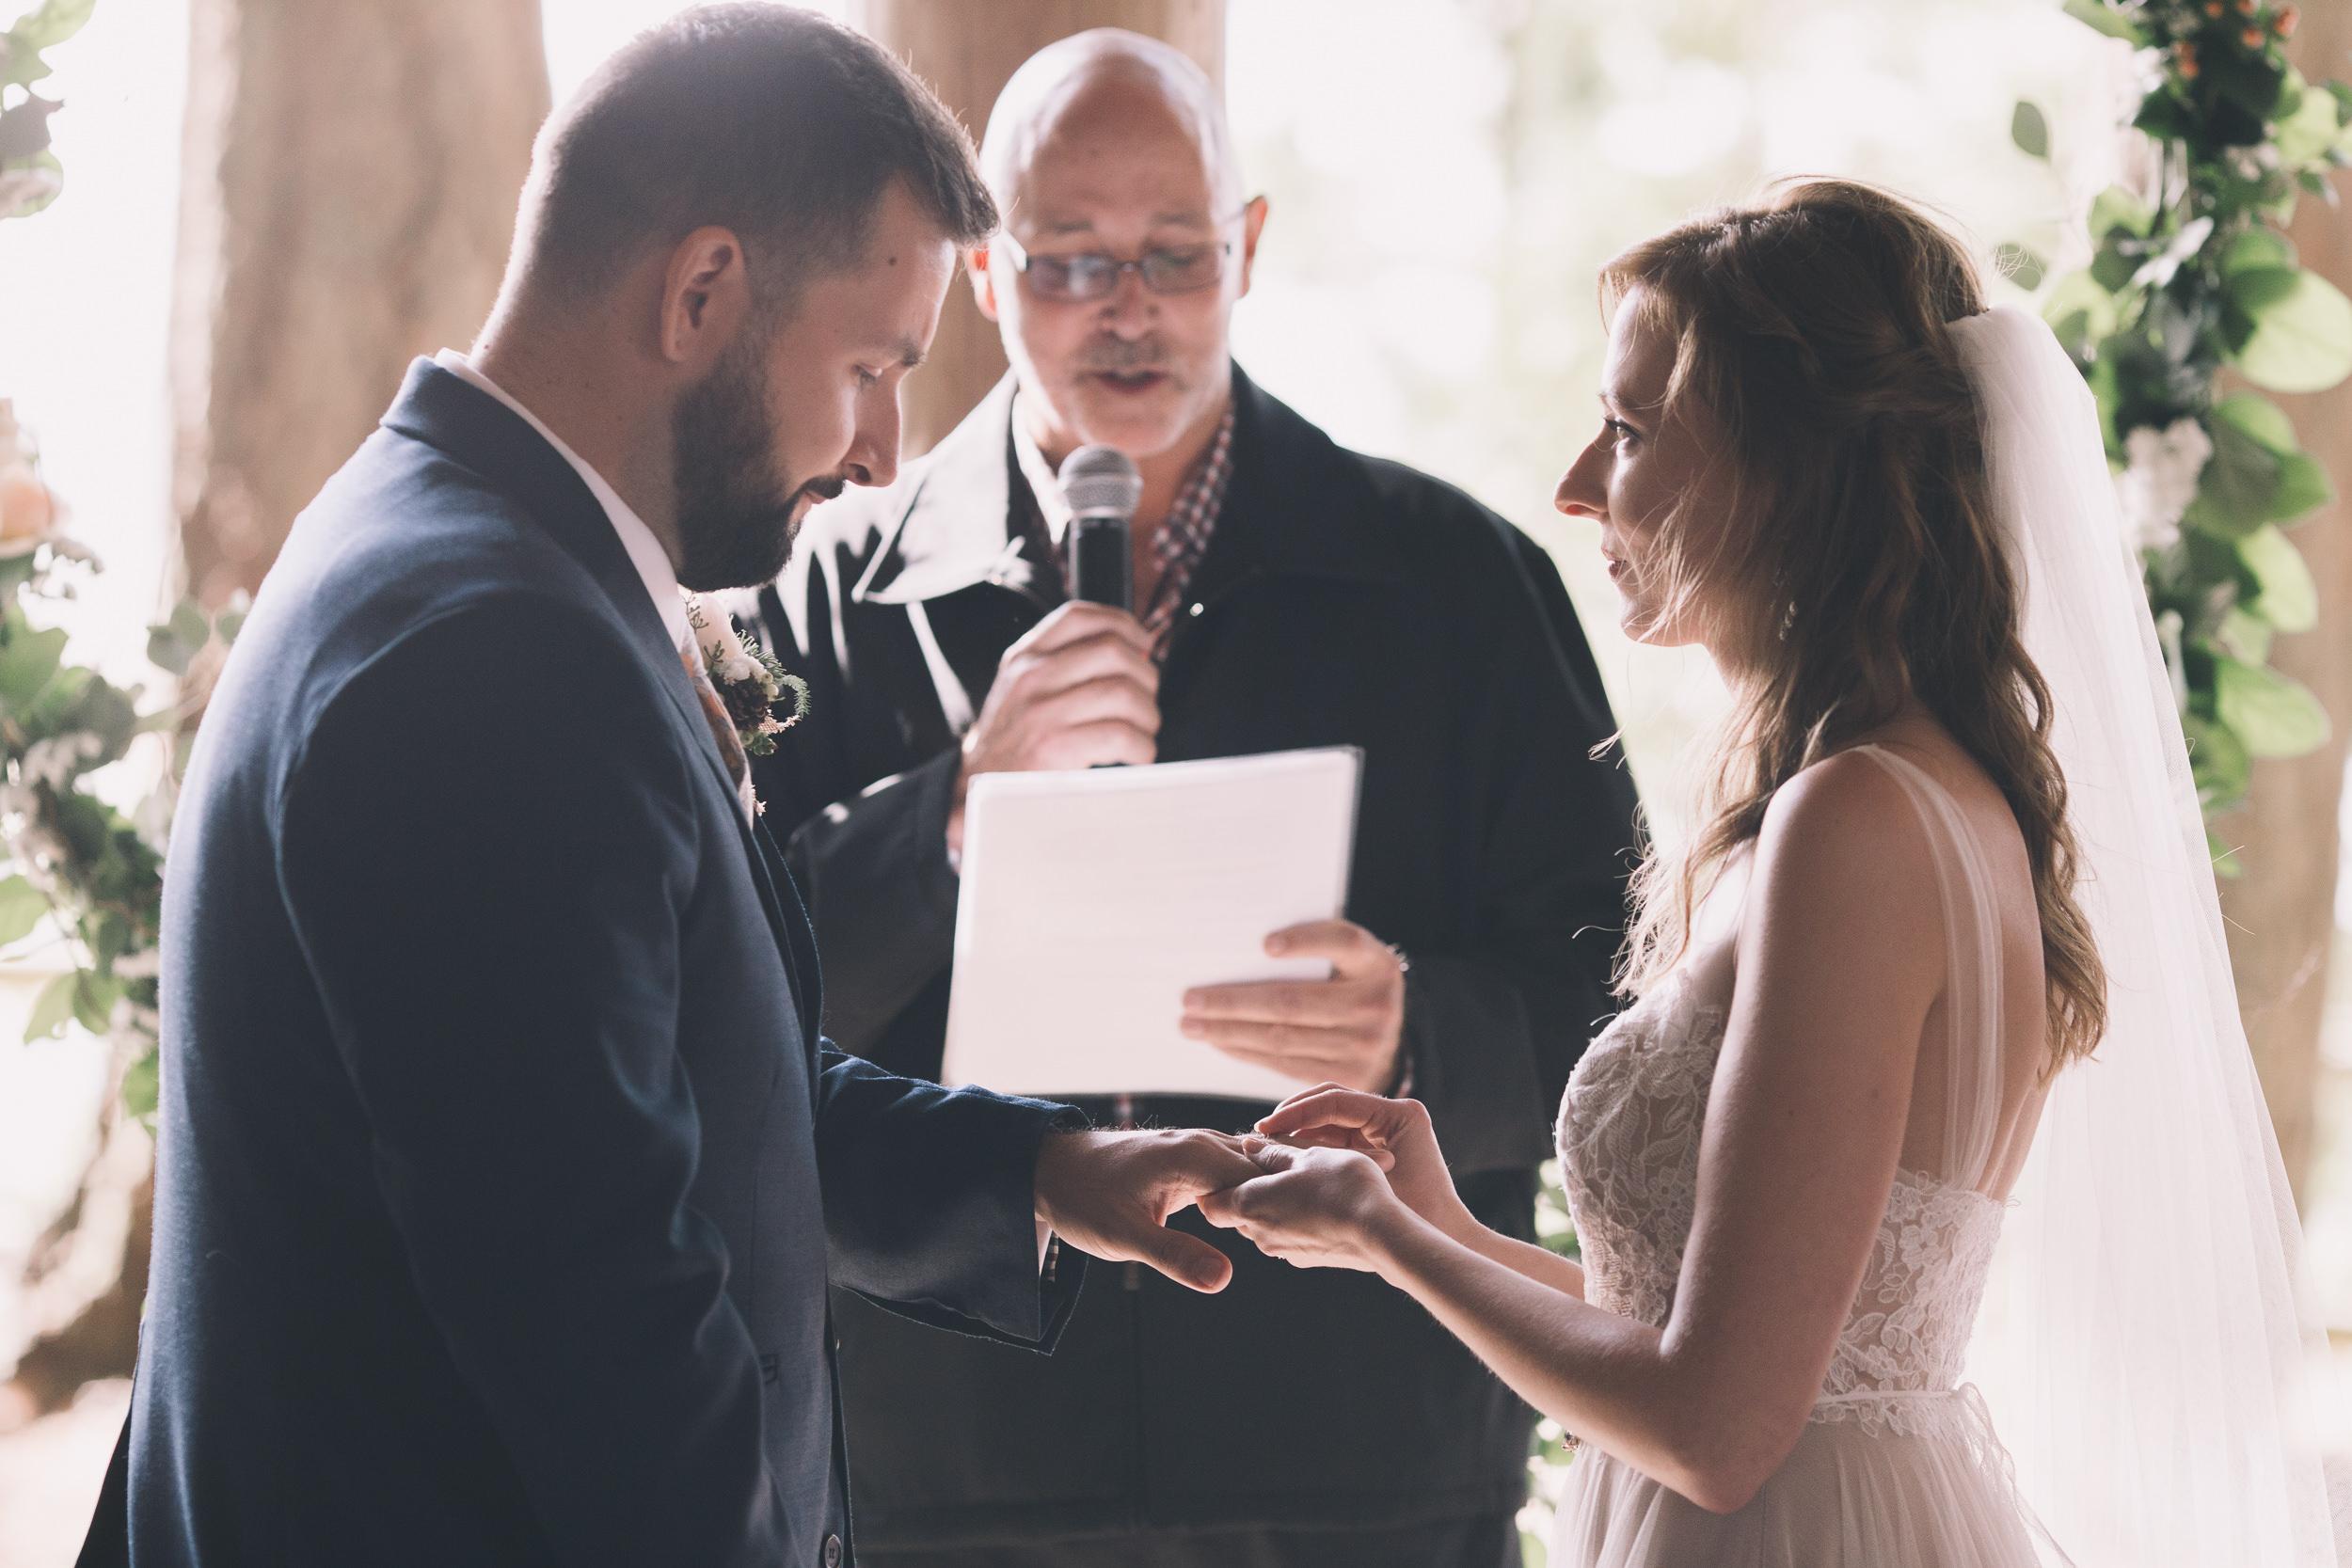 kitsap memorial state park exchanging rings at wedding